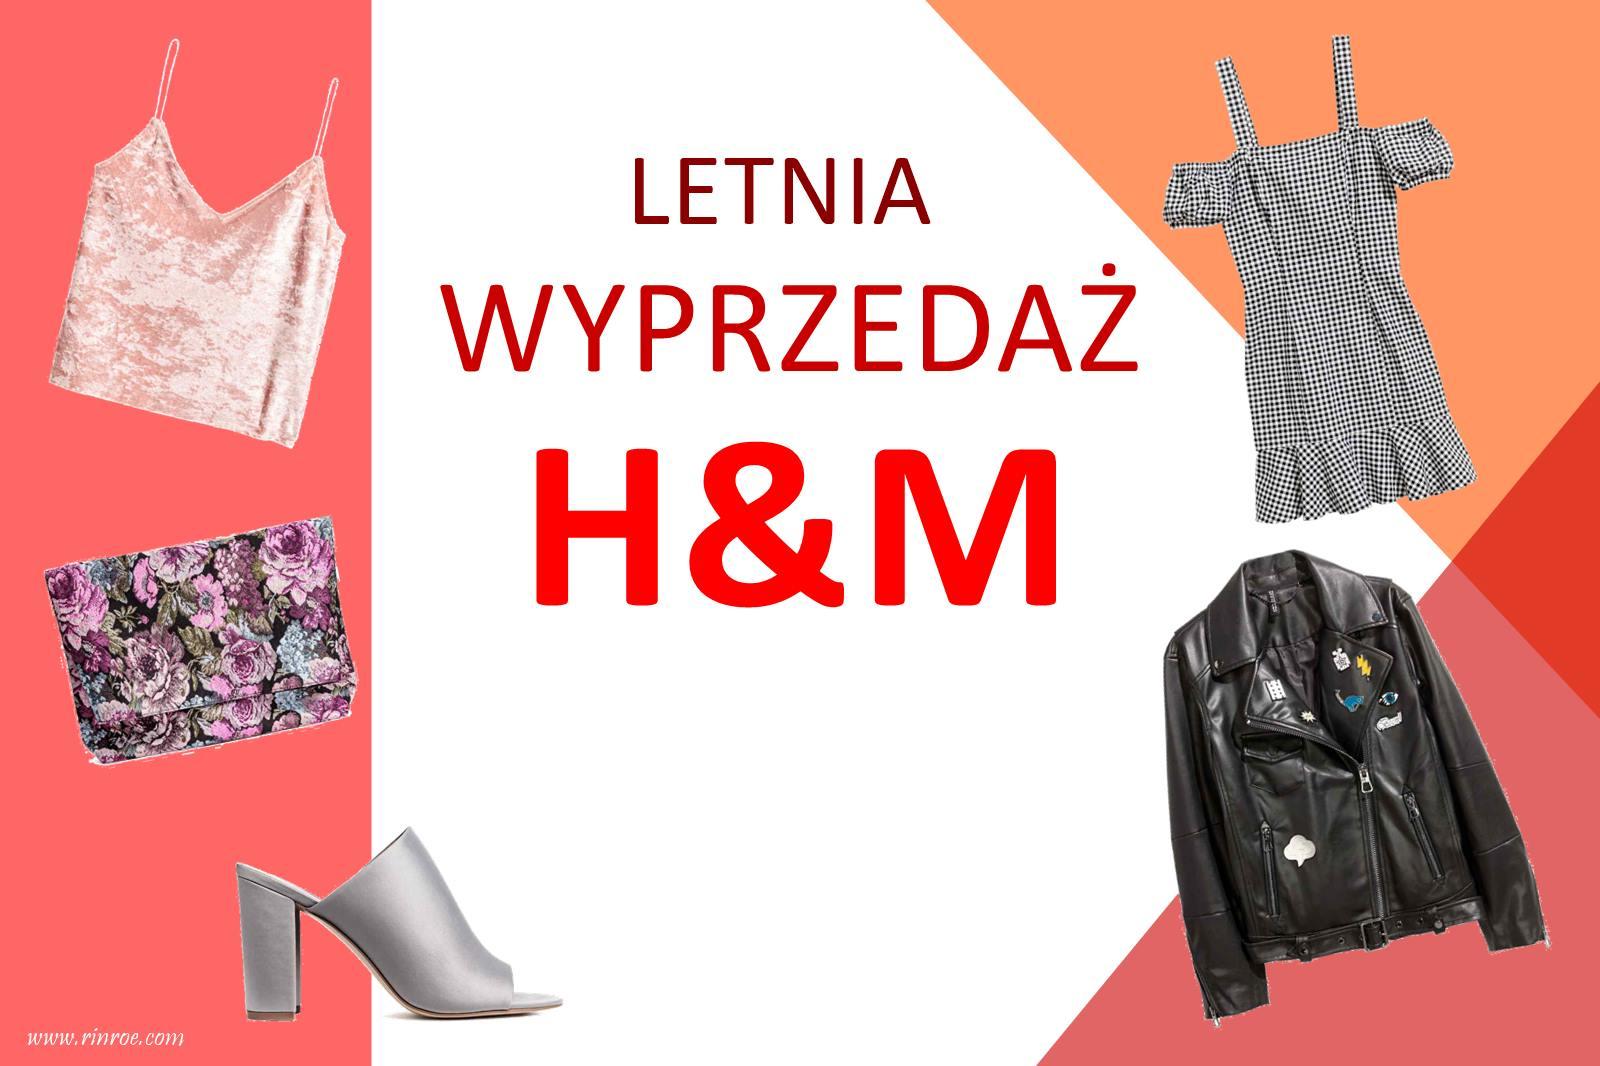 Letnia wyprzedaż H&M nawet do -50%